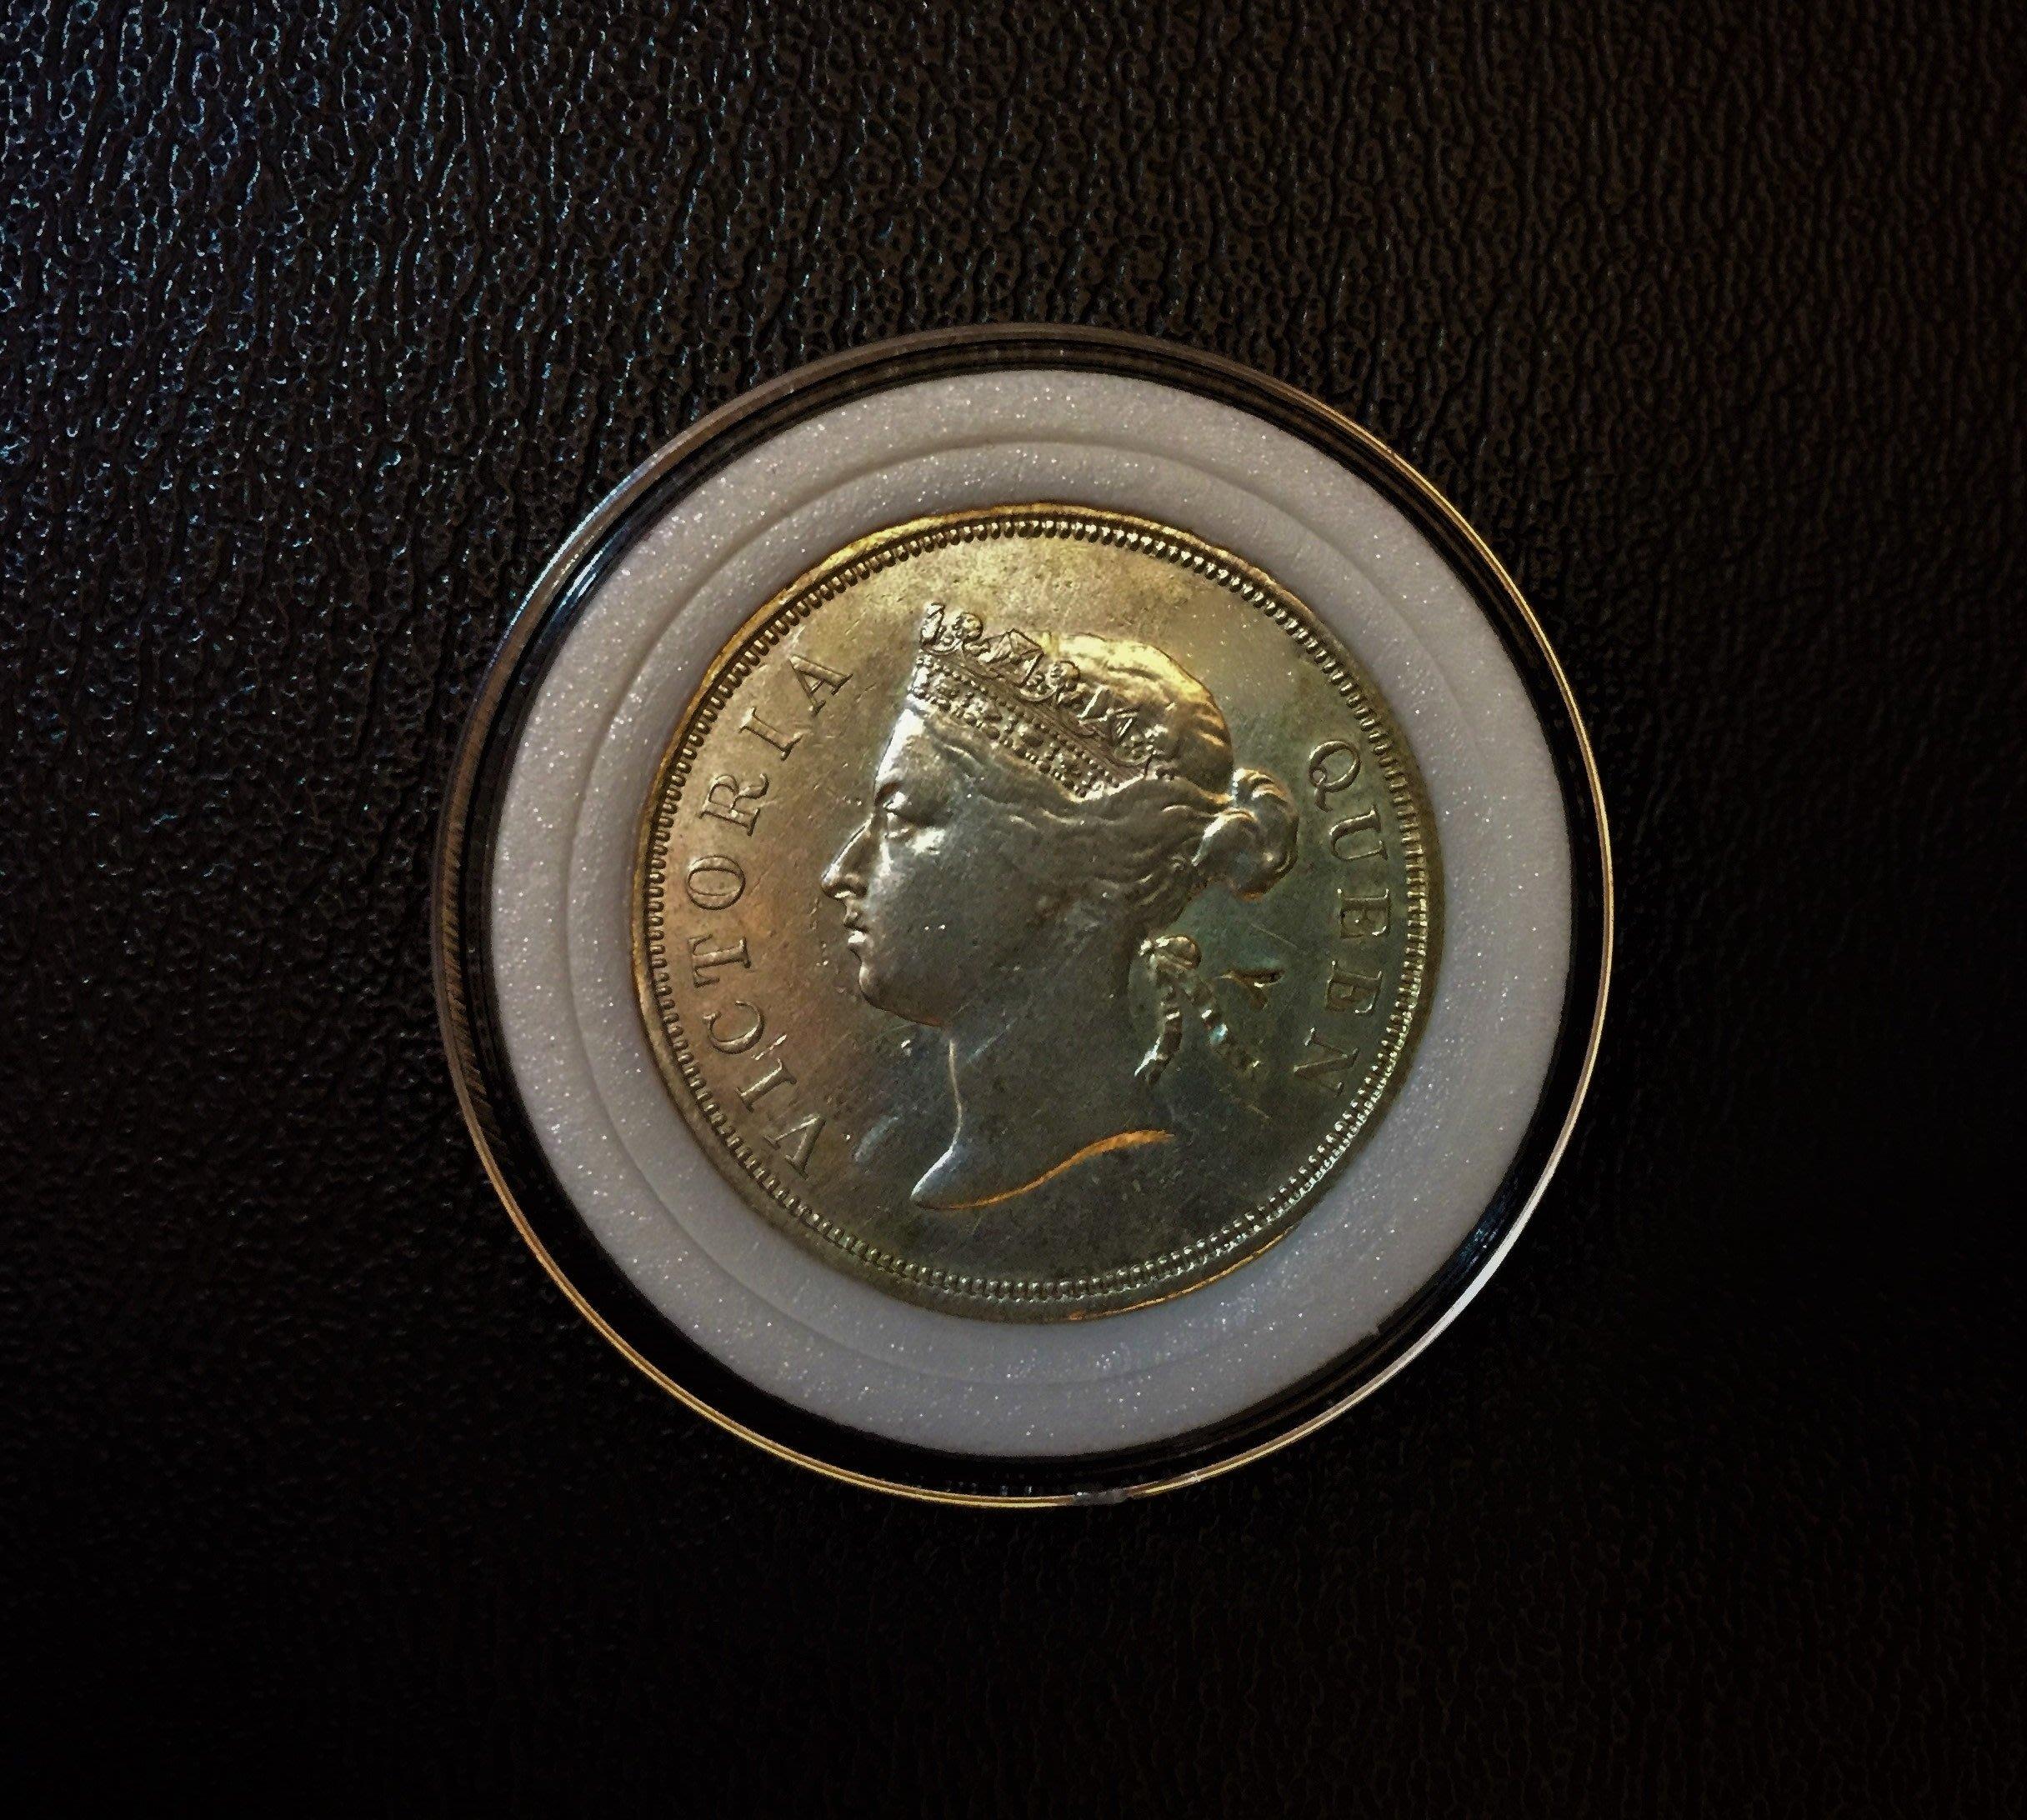 極度稀少 1887 年份 英屬 海峽殖民地 維多利亞 女王 50 分 Cents 銀幣 原光 美品 有驗銀搓記